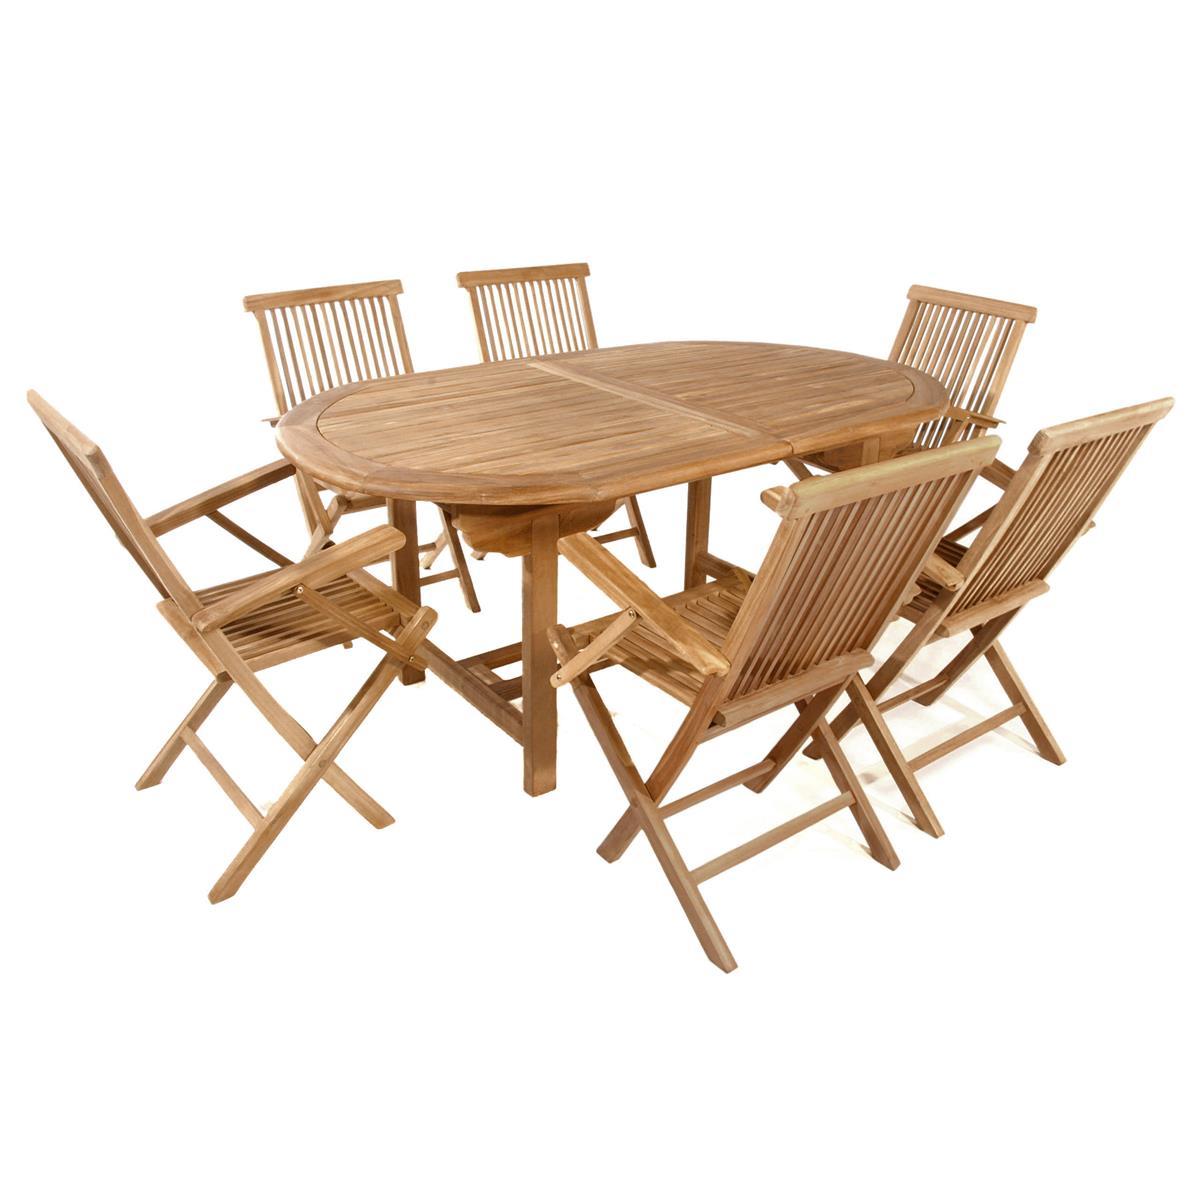 Divero Set Gartenmöbel Sitzgruppe Tisch Ausziehbar Stühle Teak Holz